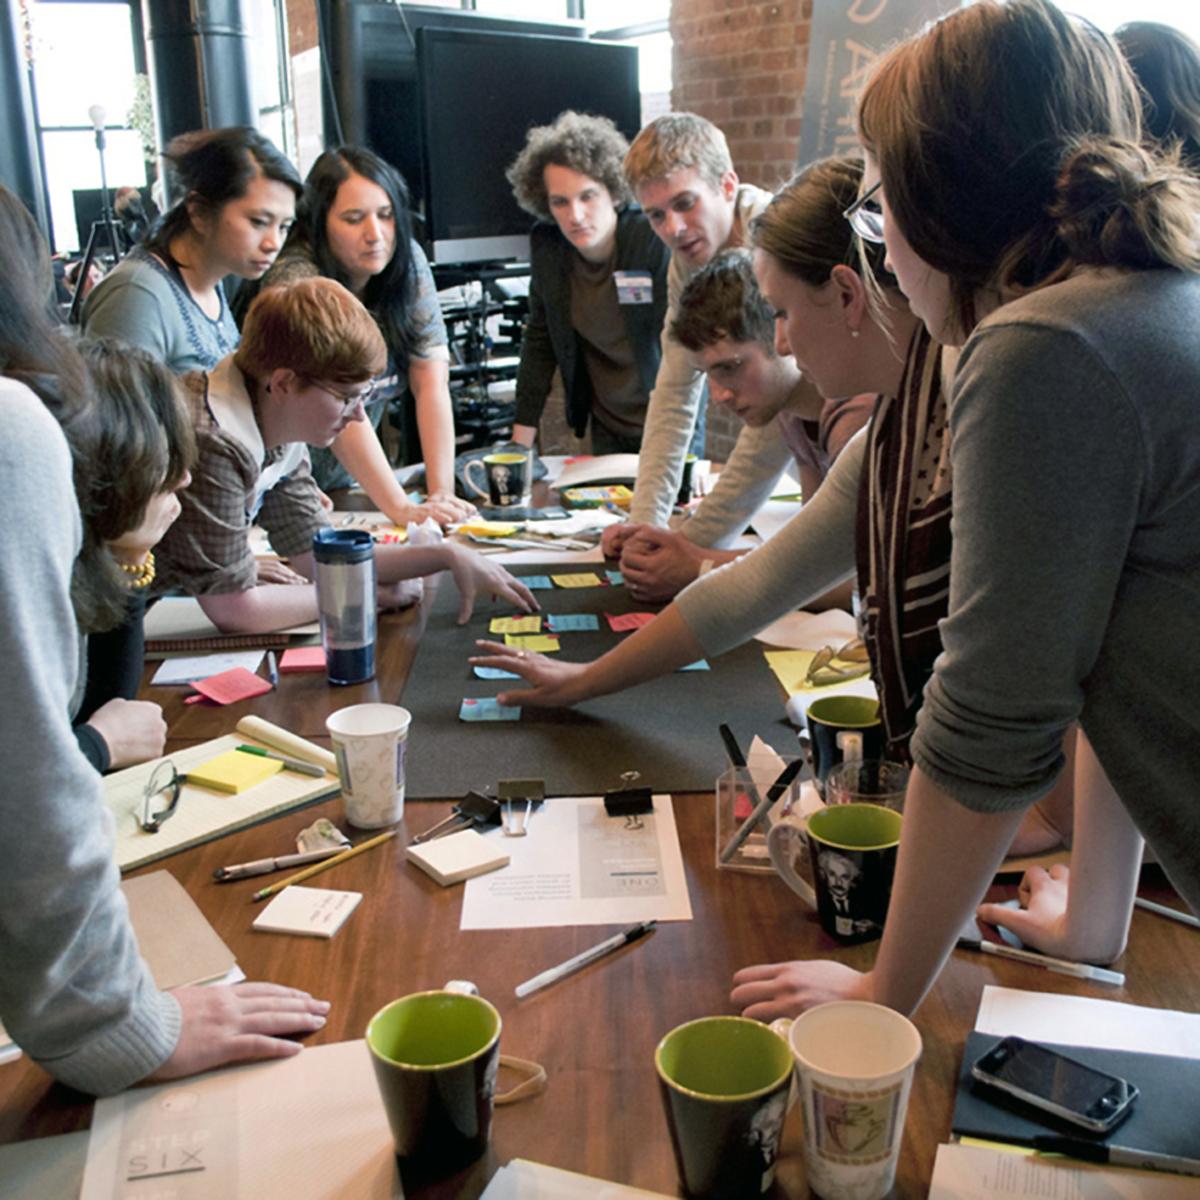 About Co-Design Disciplines andWorkshops